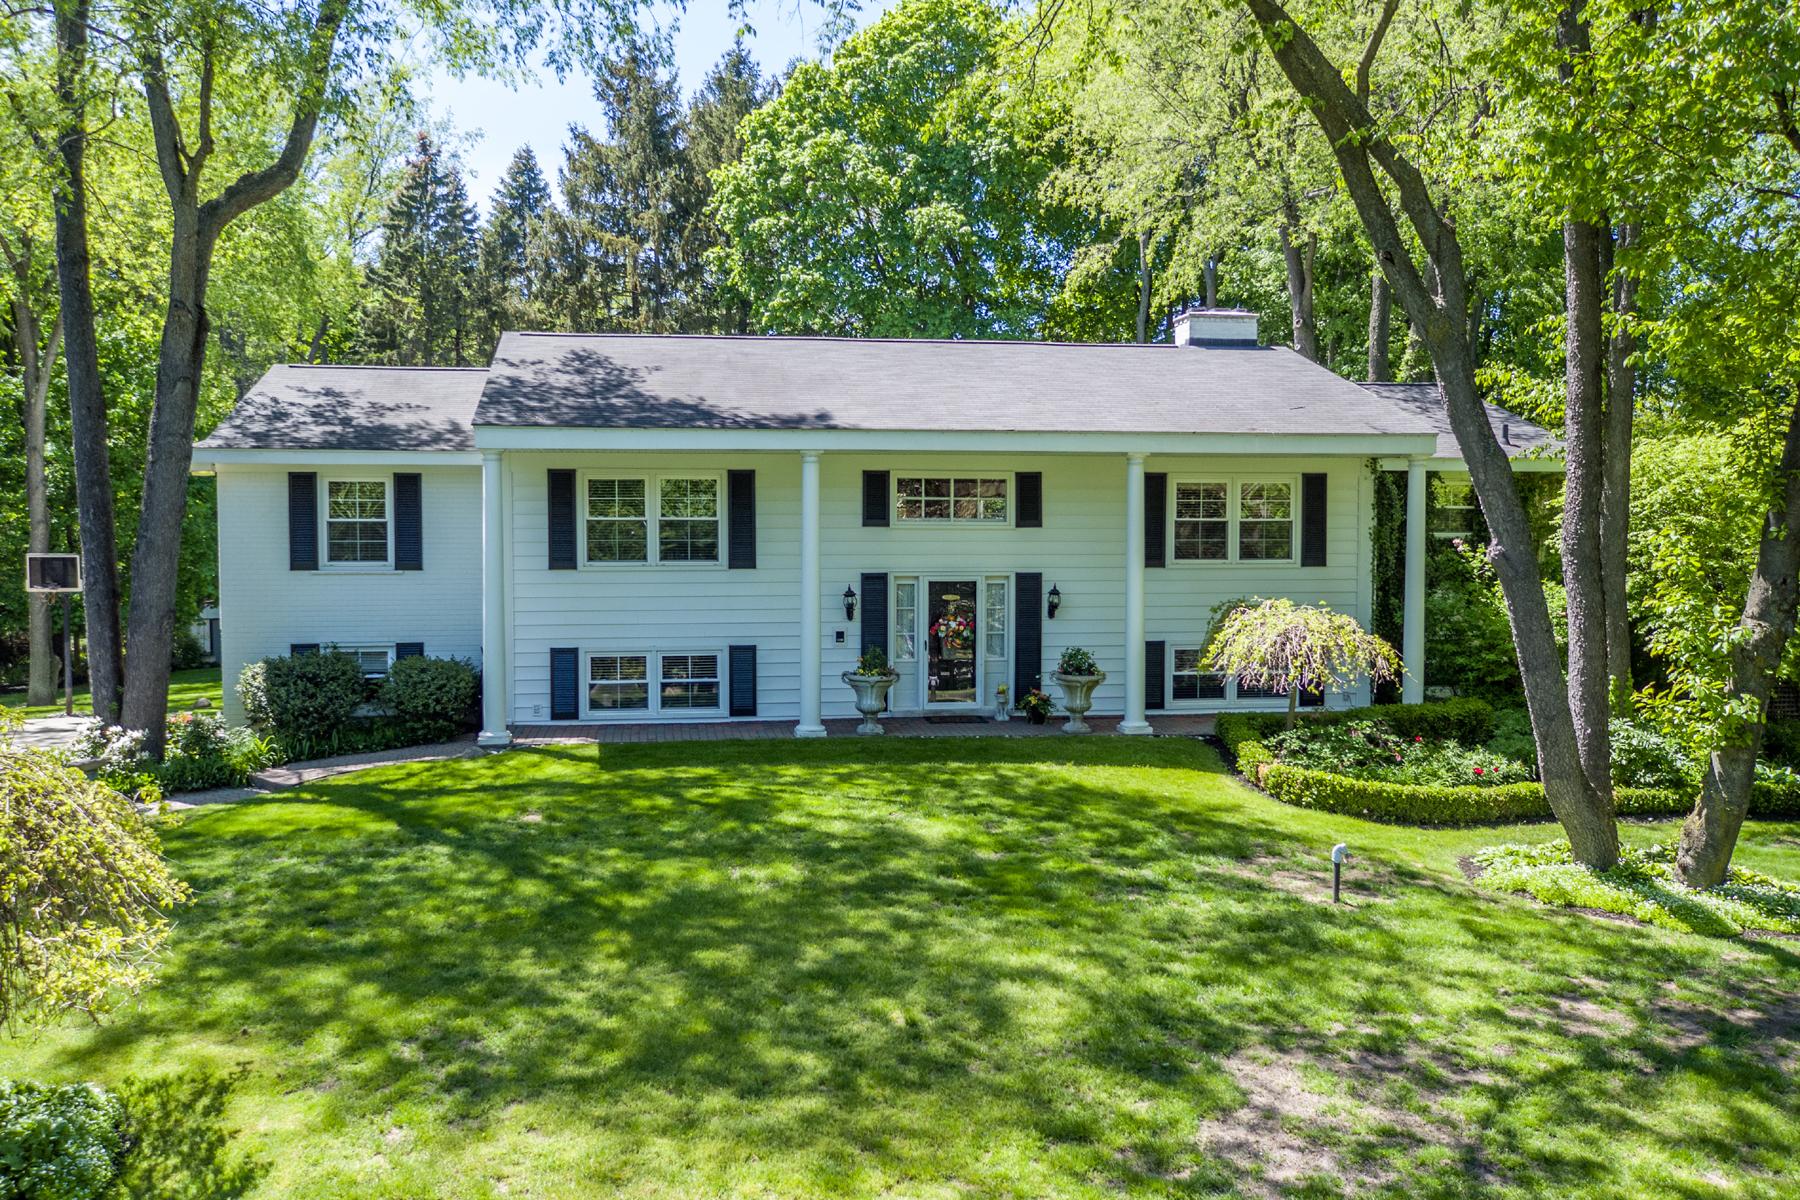 独户住宅 为 销售 在 Bloomfield 4900 Lahser Road 布洛姆费尔德, 密歇根州, 48302 美国